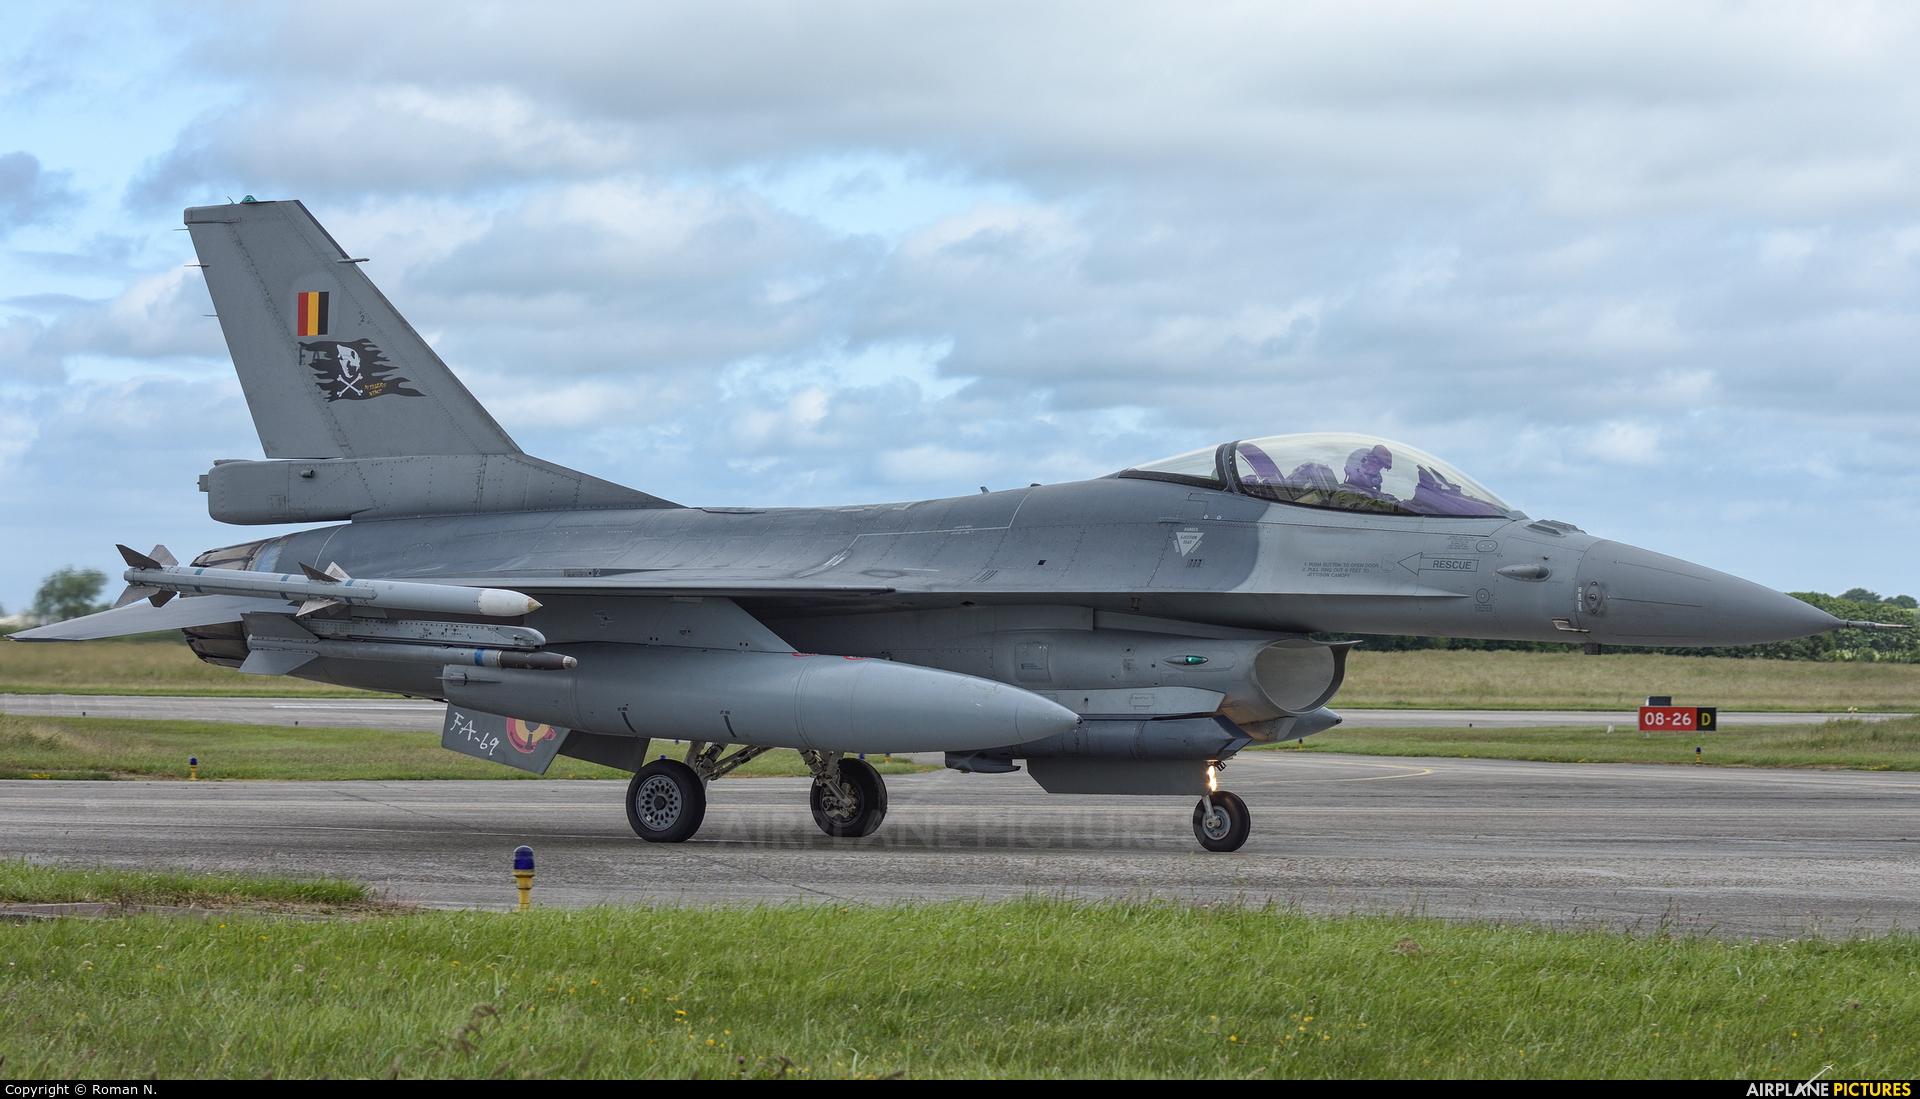 Belgium - Air Force FA-69 aircraft at Landivisiau